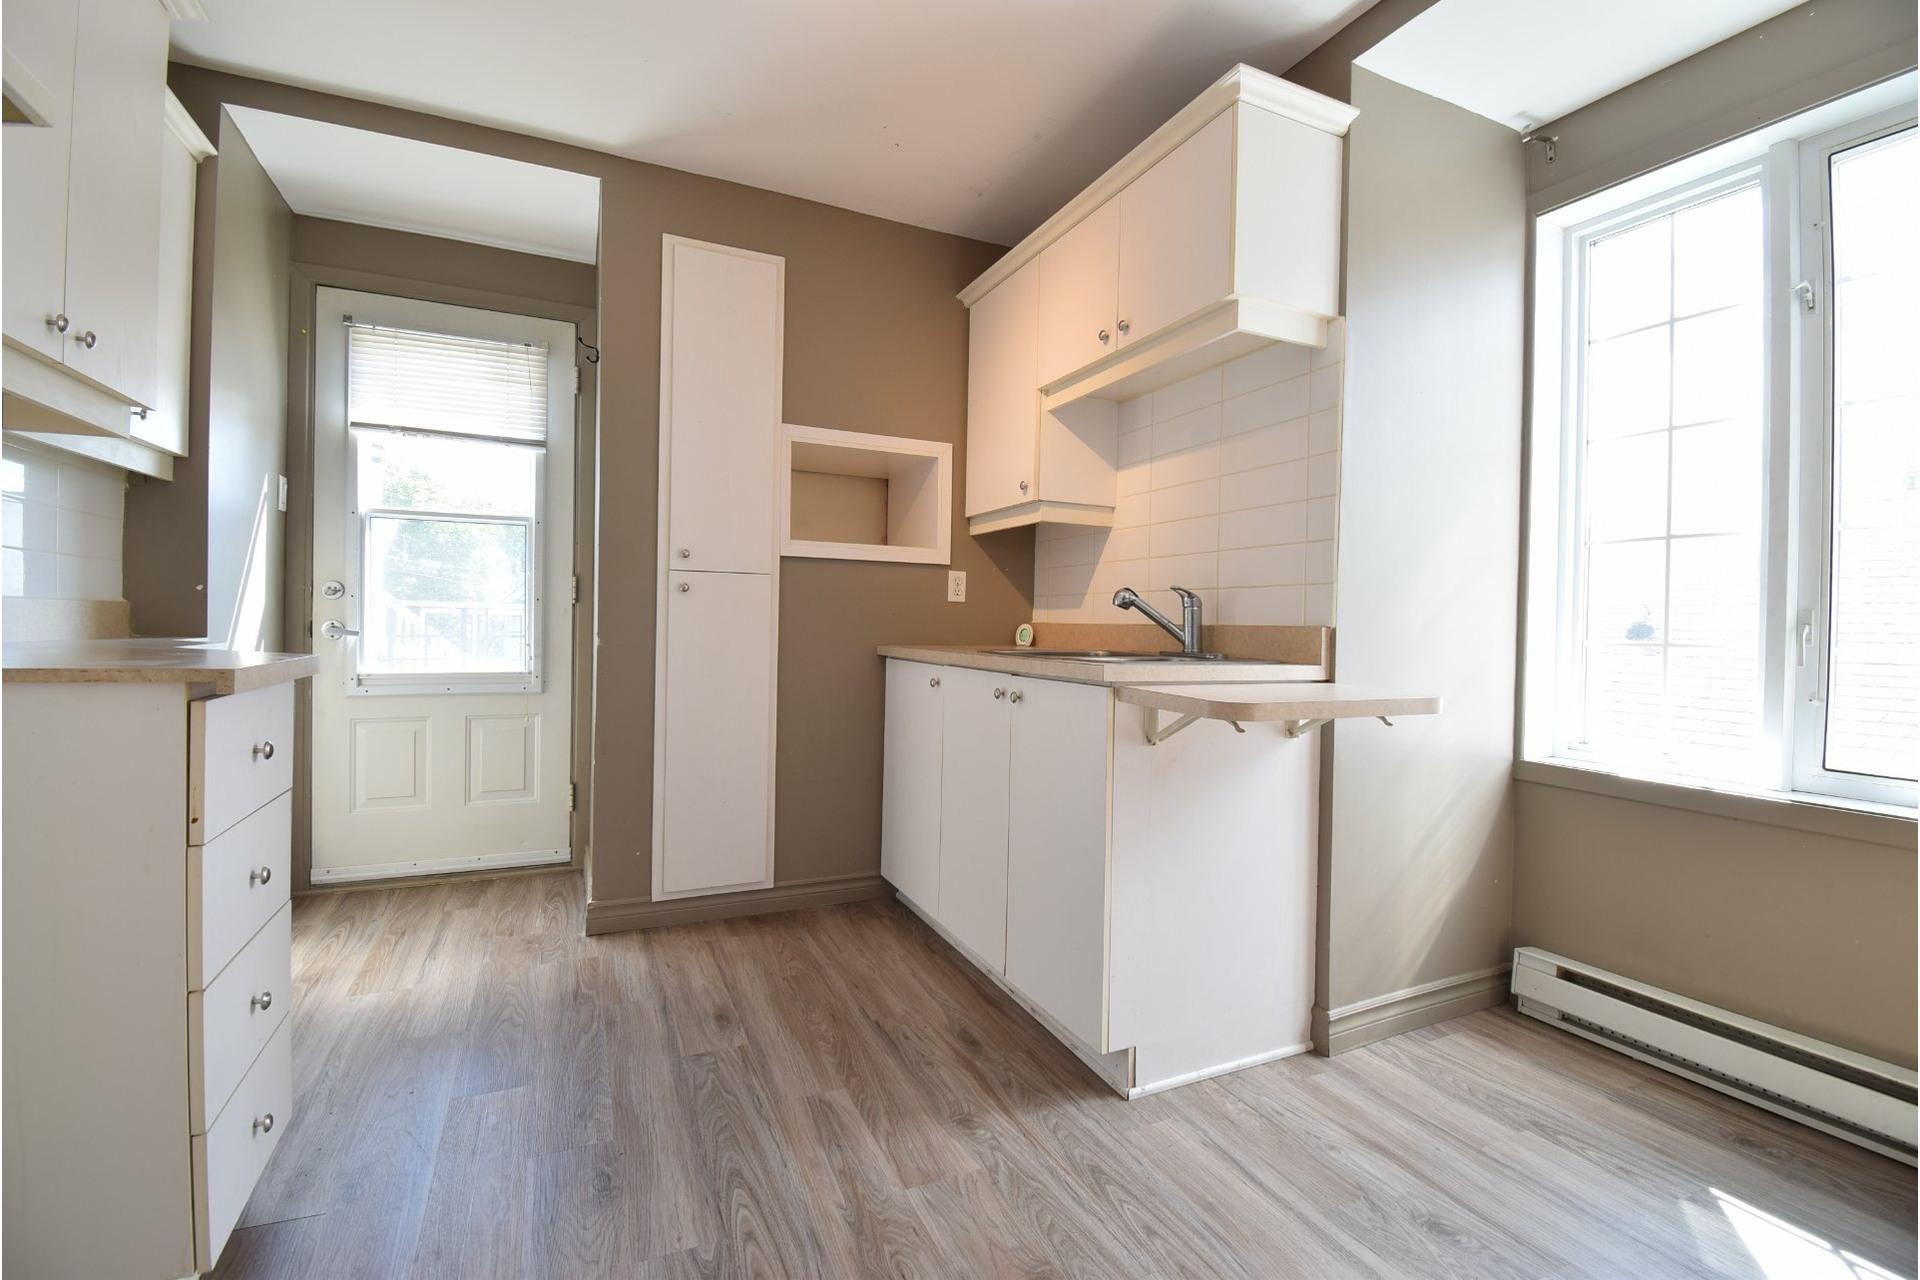 image 18 - Duplex À vendre Trois-Rivières - 4 pièces